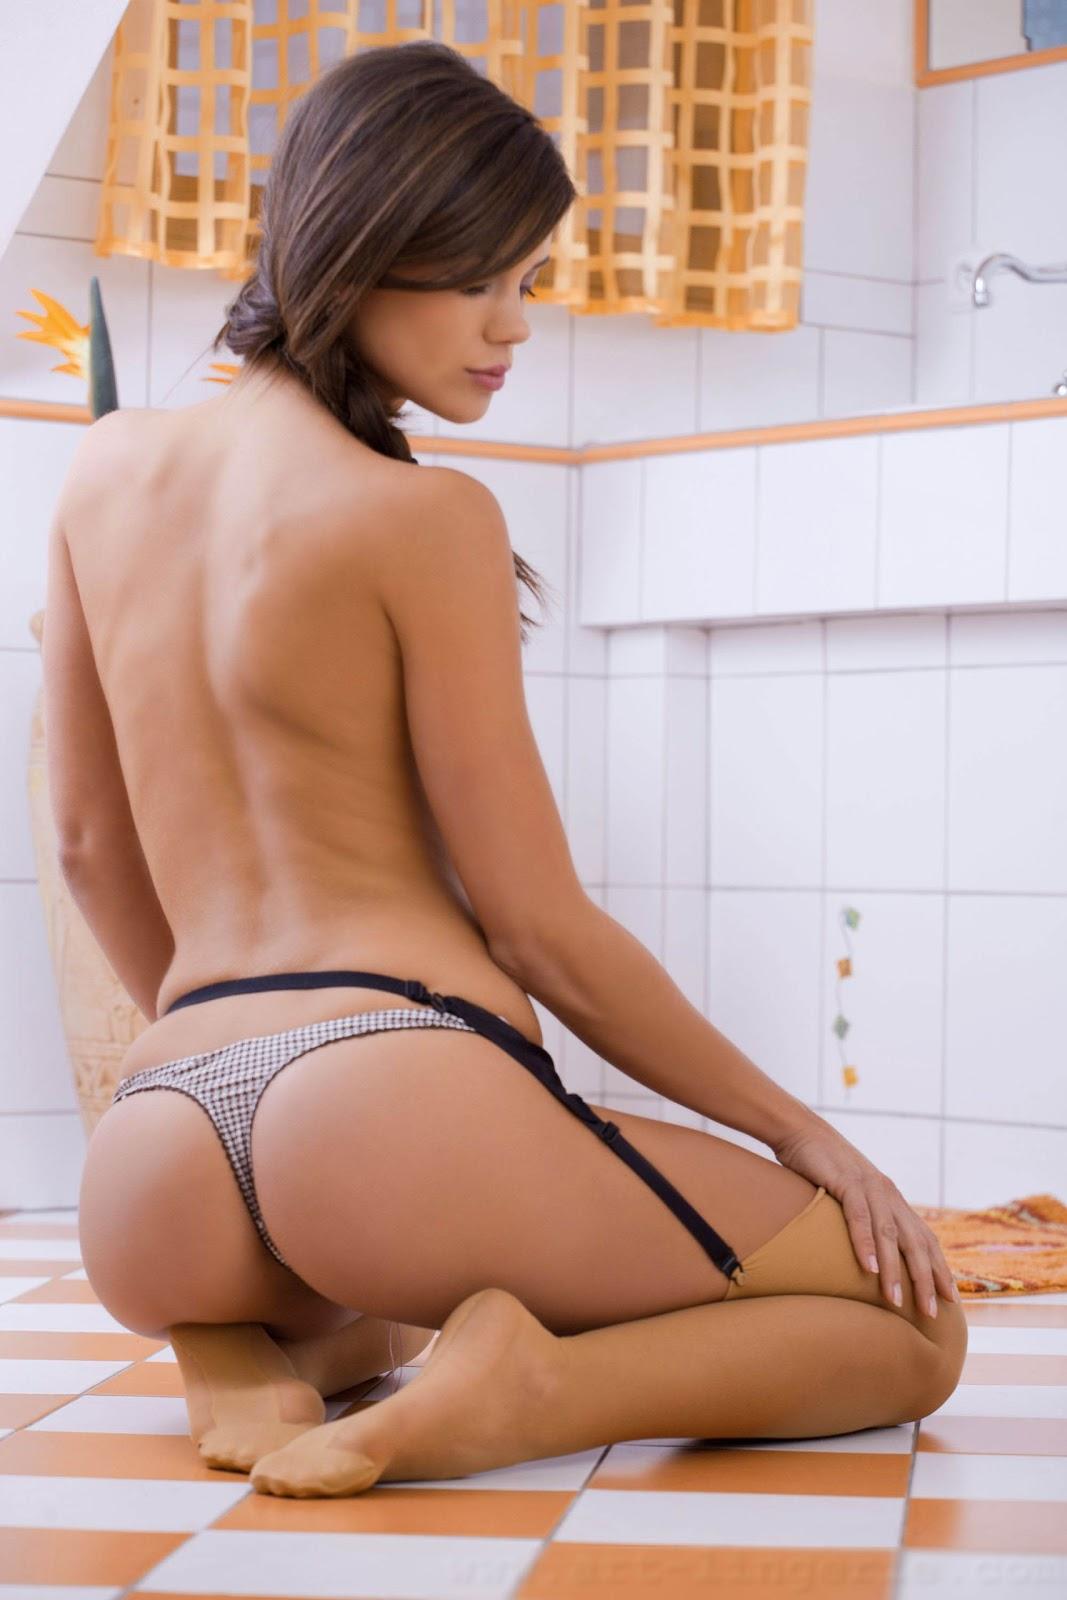 Hardcore Sexy Photo